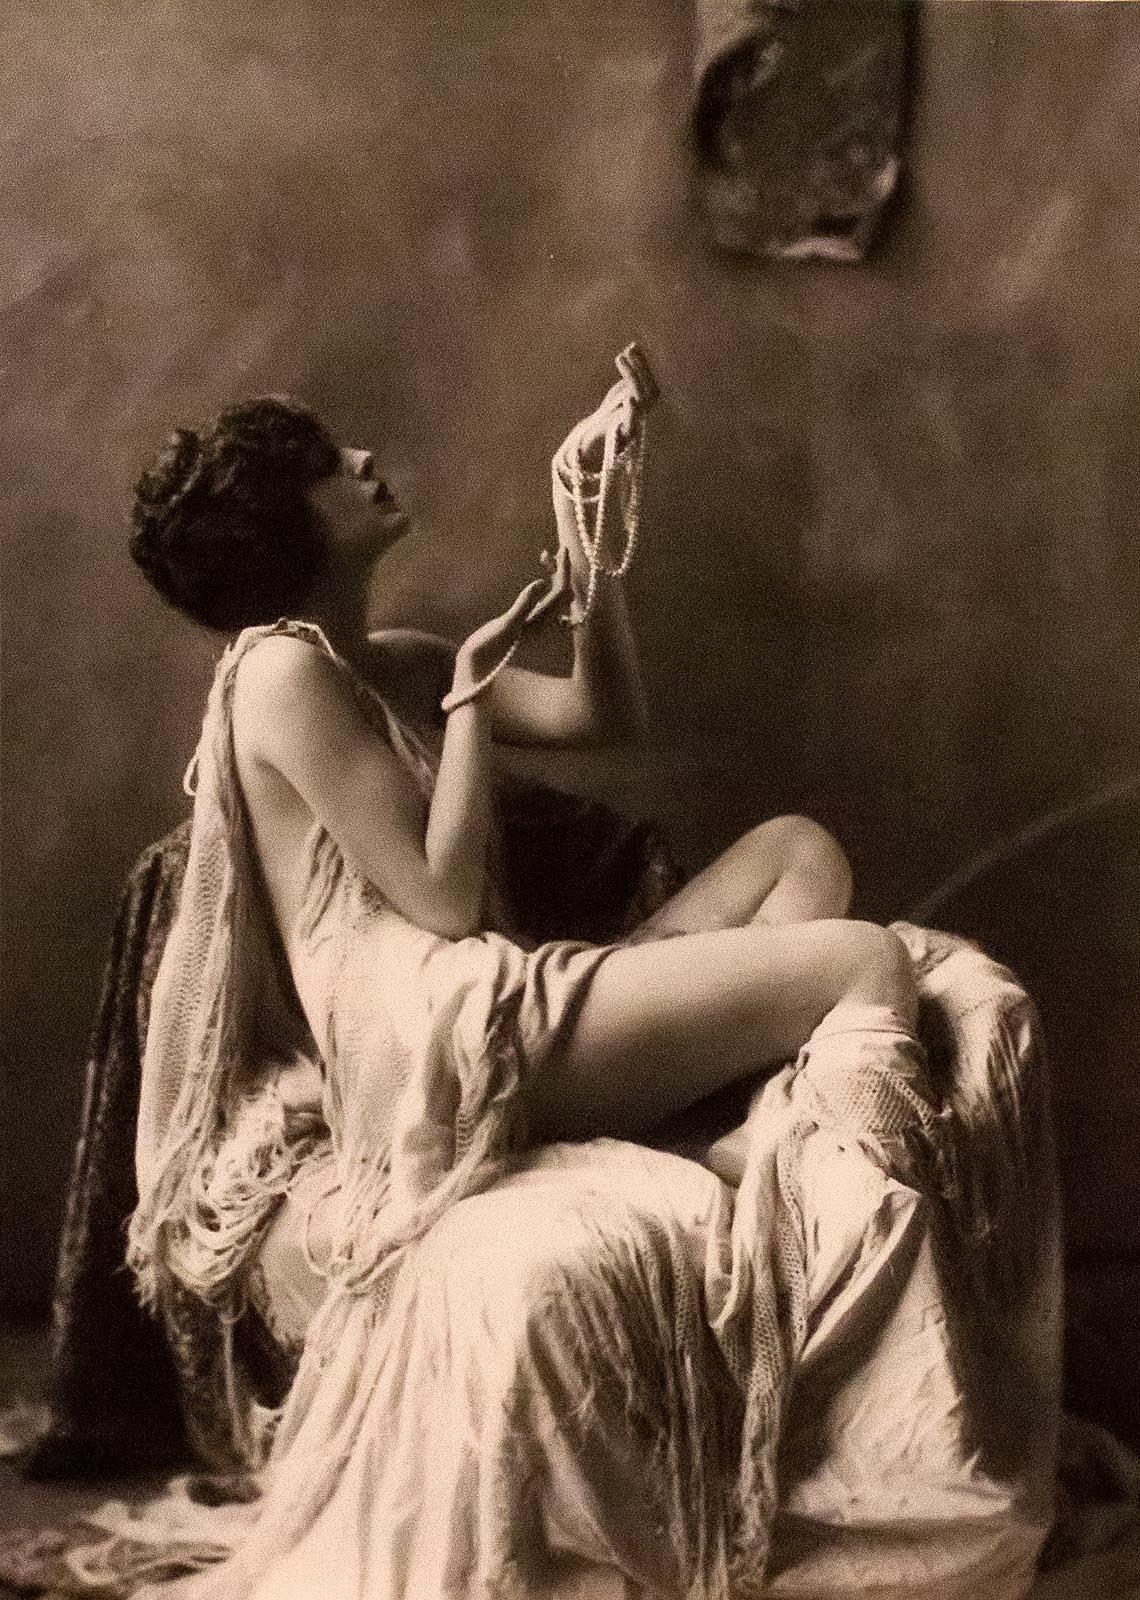 Фото №170363. Актриса Вилли Дав. Ч/б фото из коллекции Гершанова